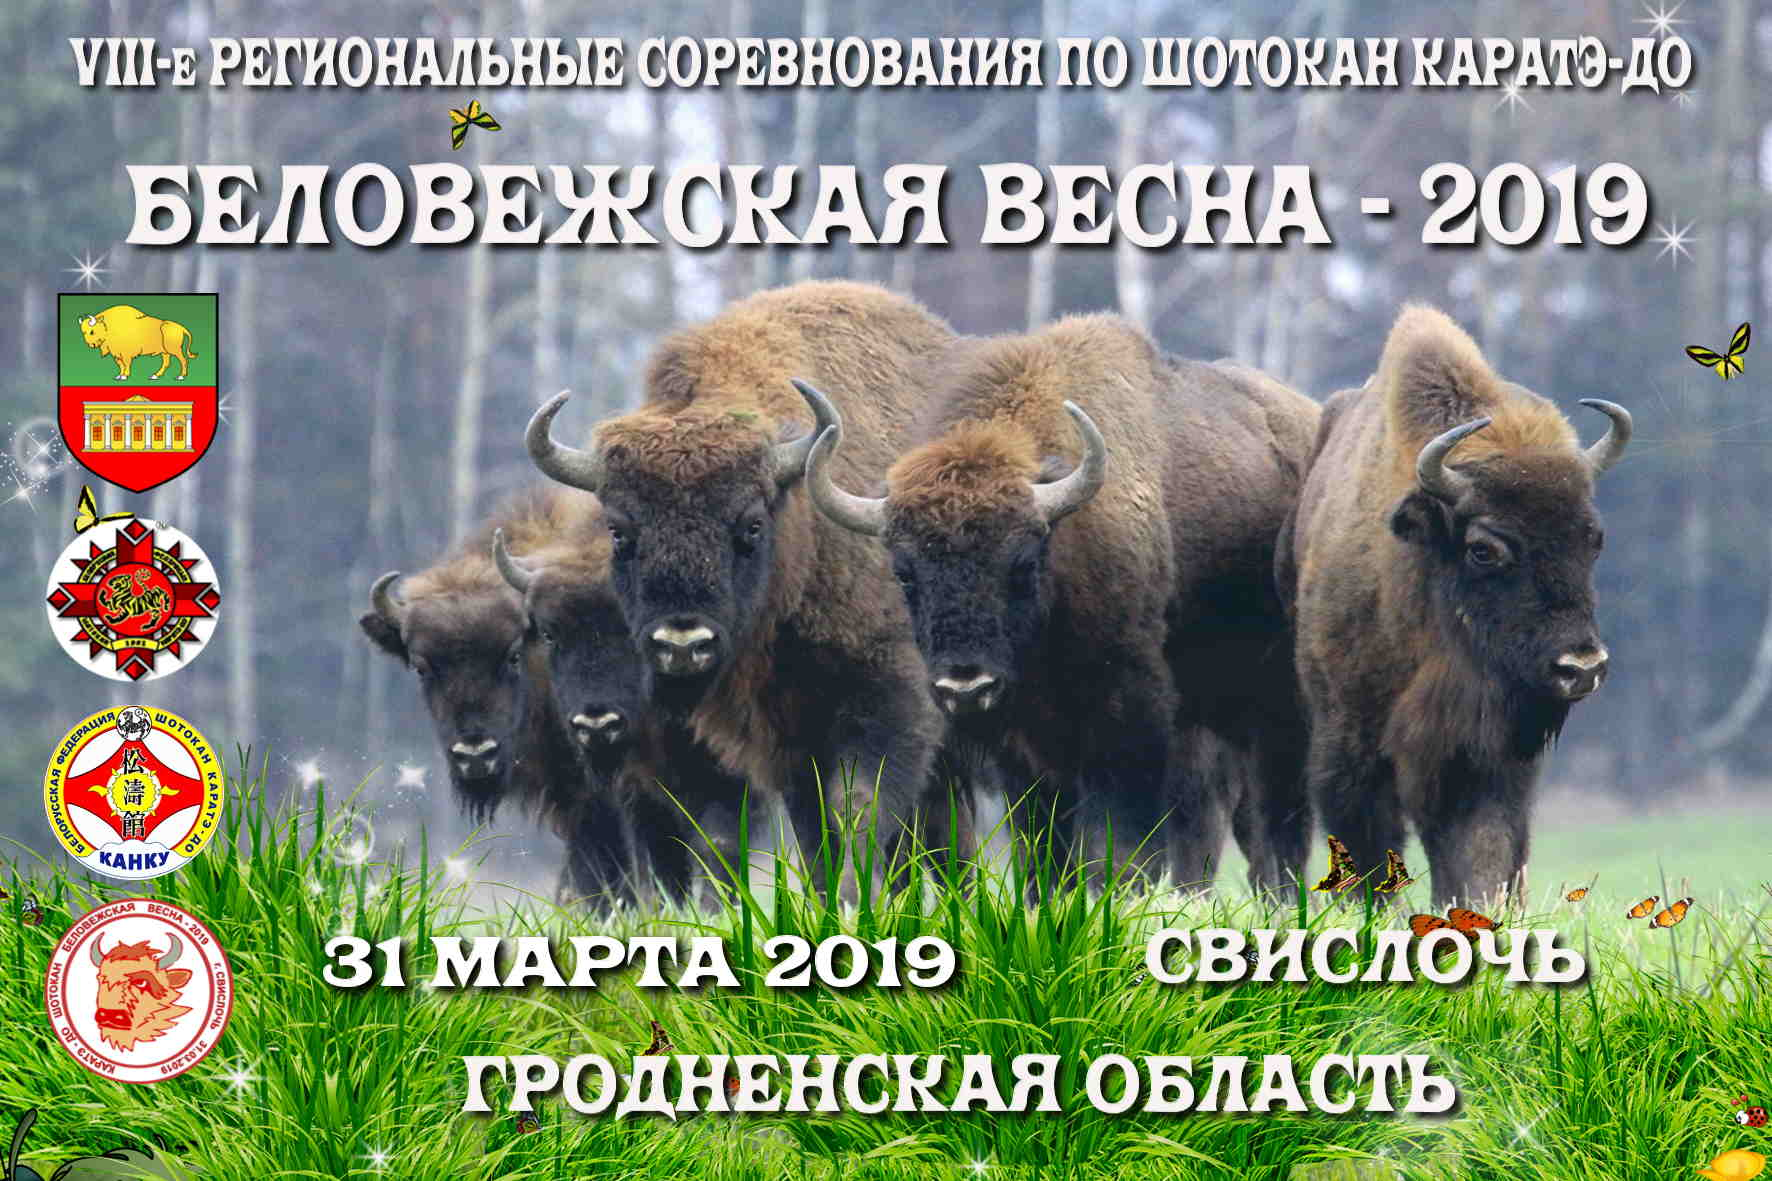 31 марта 2019г., г. Свислочь, VIII-е региональные соревнования «Беловежская весна» по шотокан каратэ-до